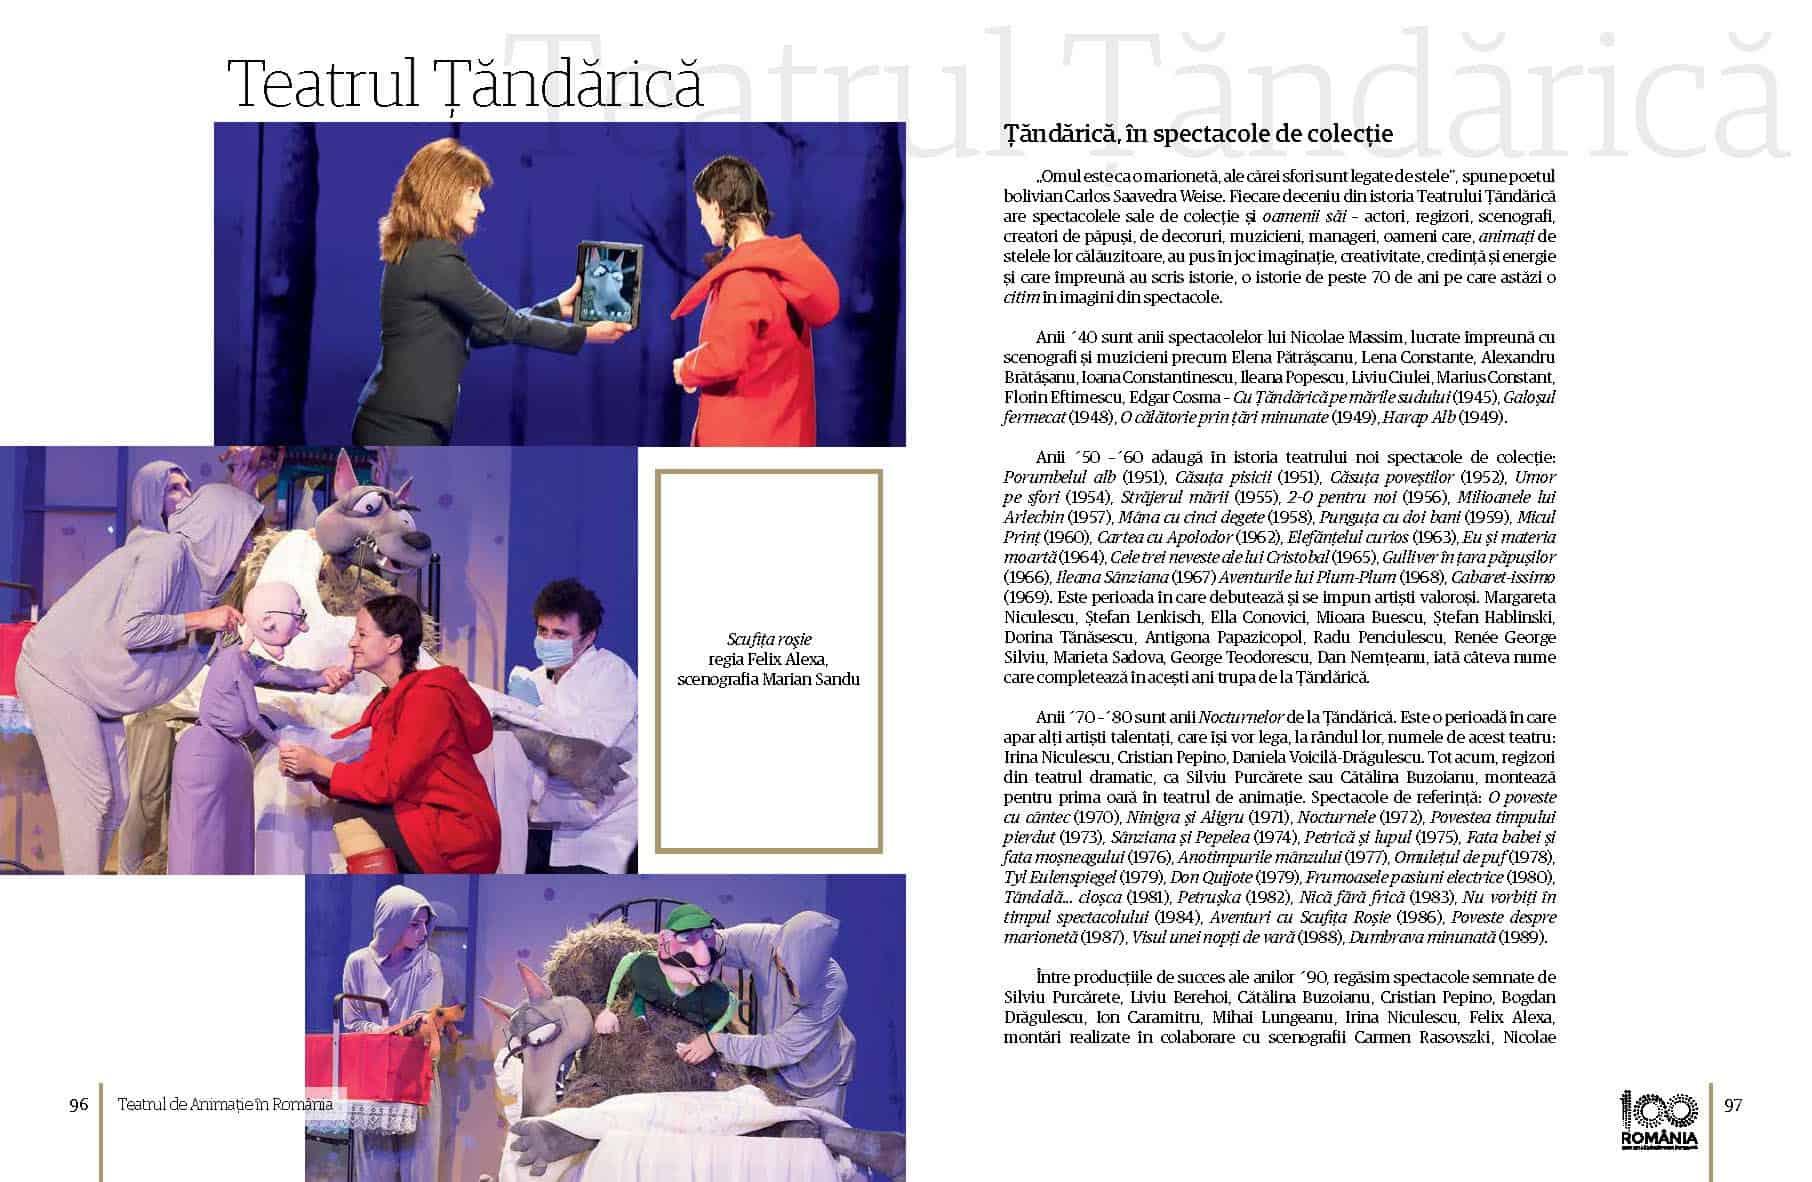 Album Teatrul de Animatie in Romania final preview fata in fata Page 49